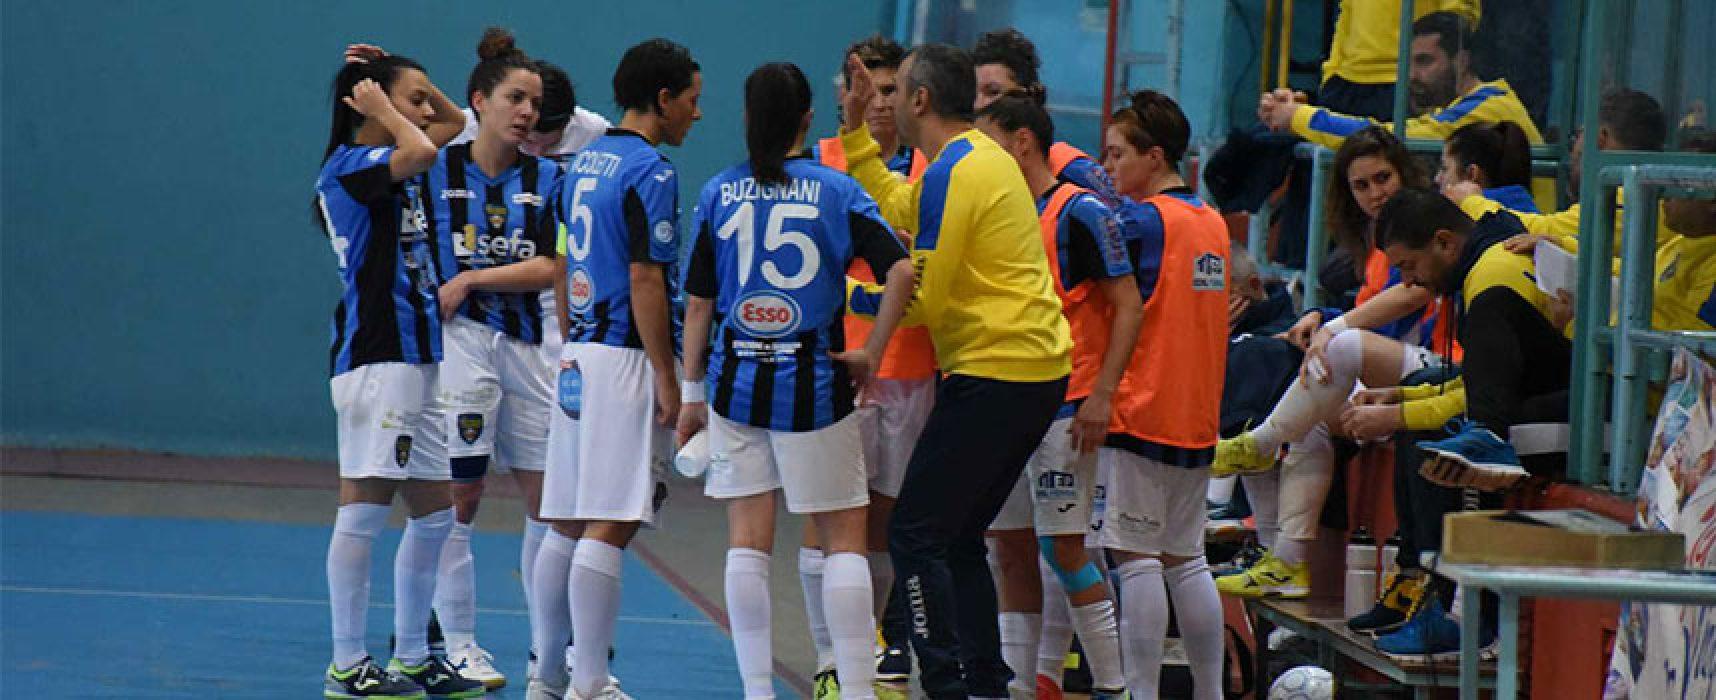 Futsal Florentia vittorioso al PalaDolmen contro il Bisceglie Femminile